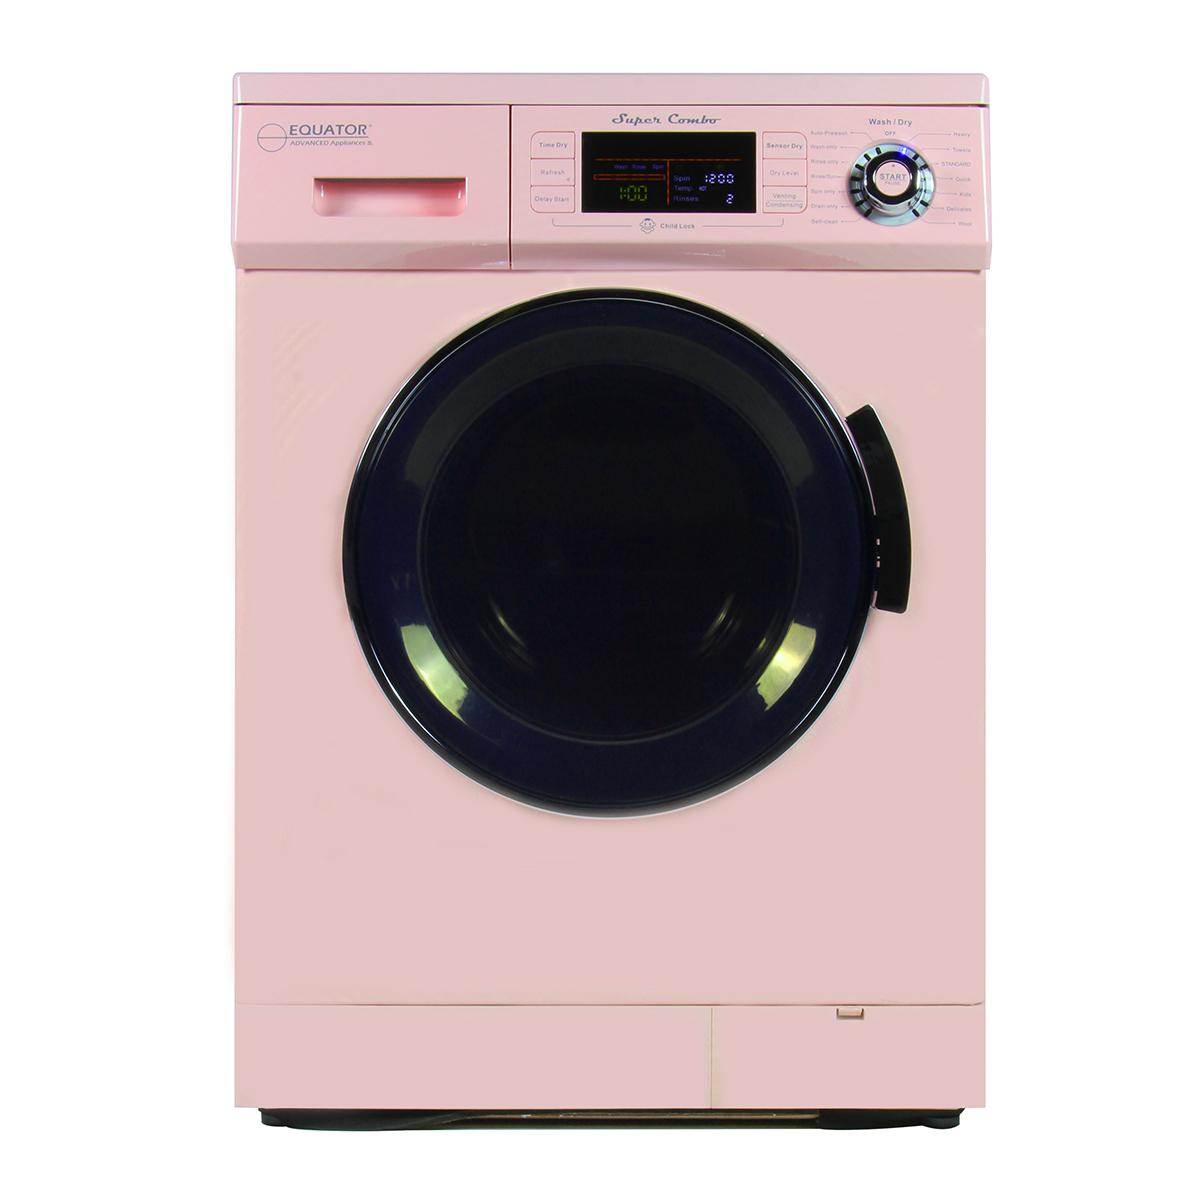 Appliances Dryers Equator Appliances